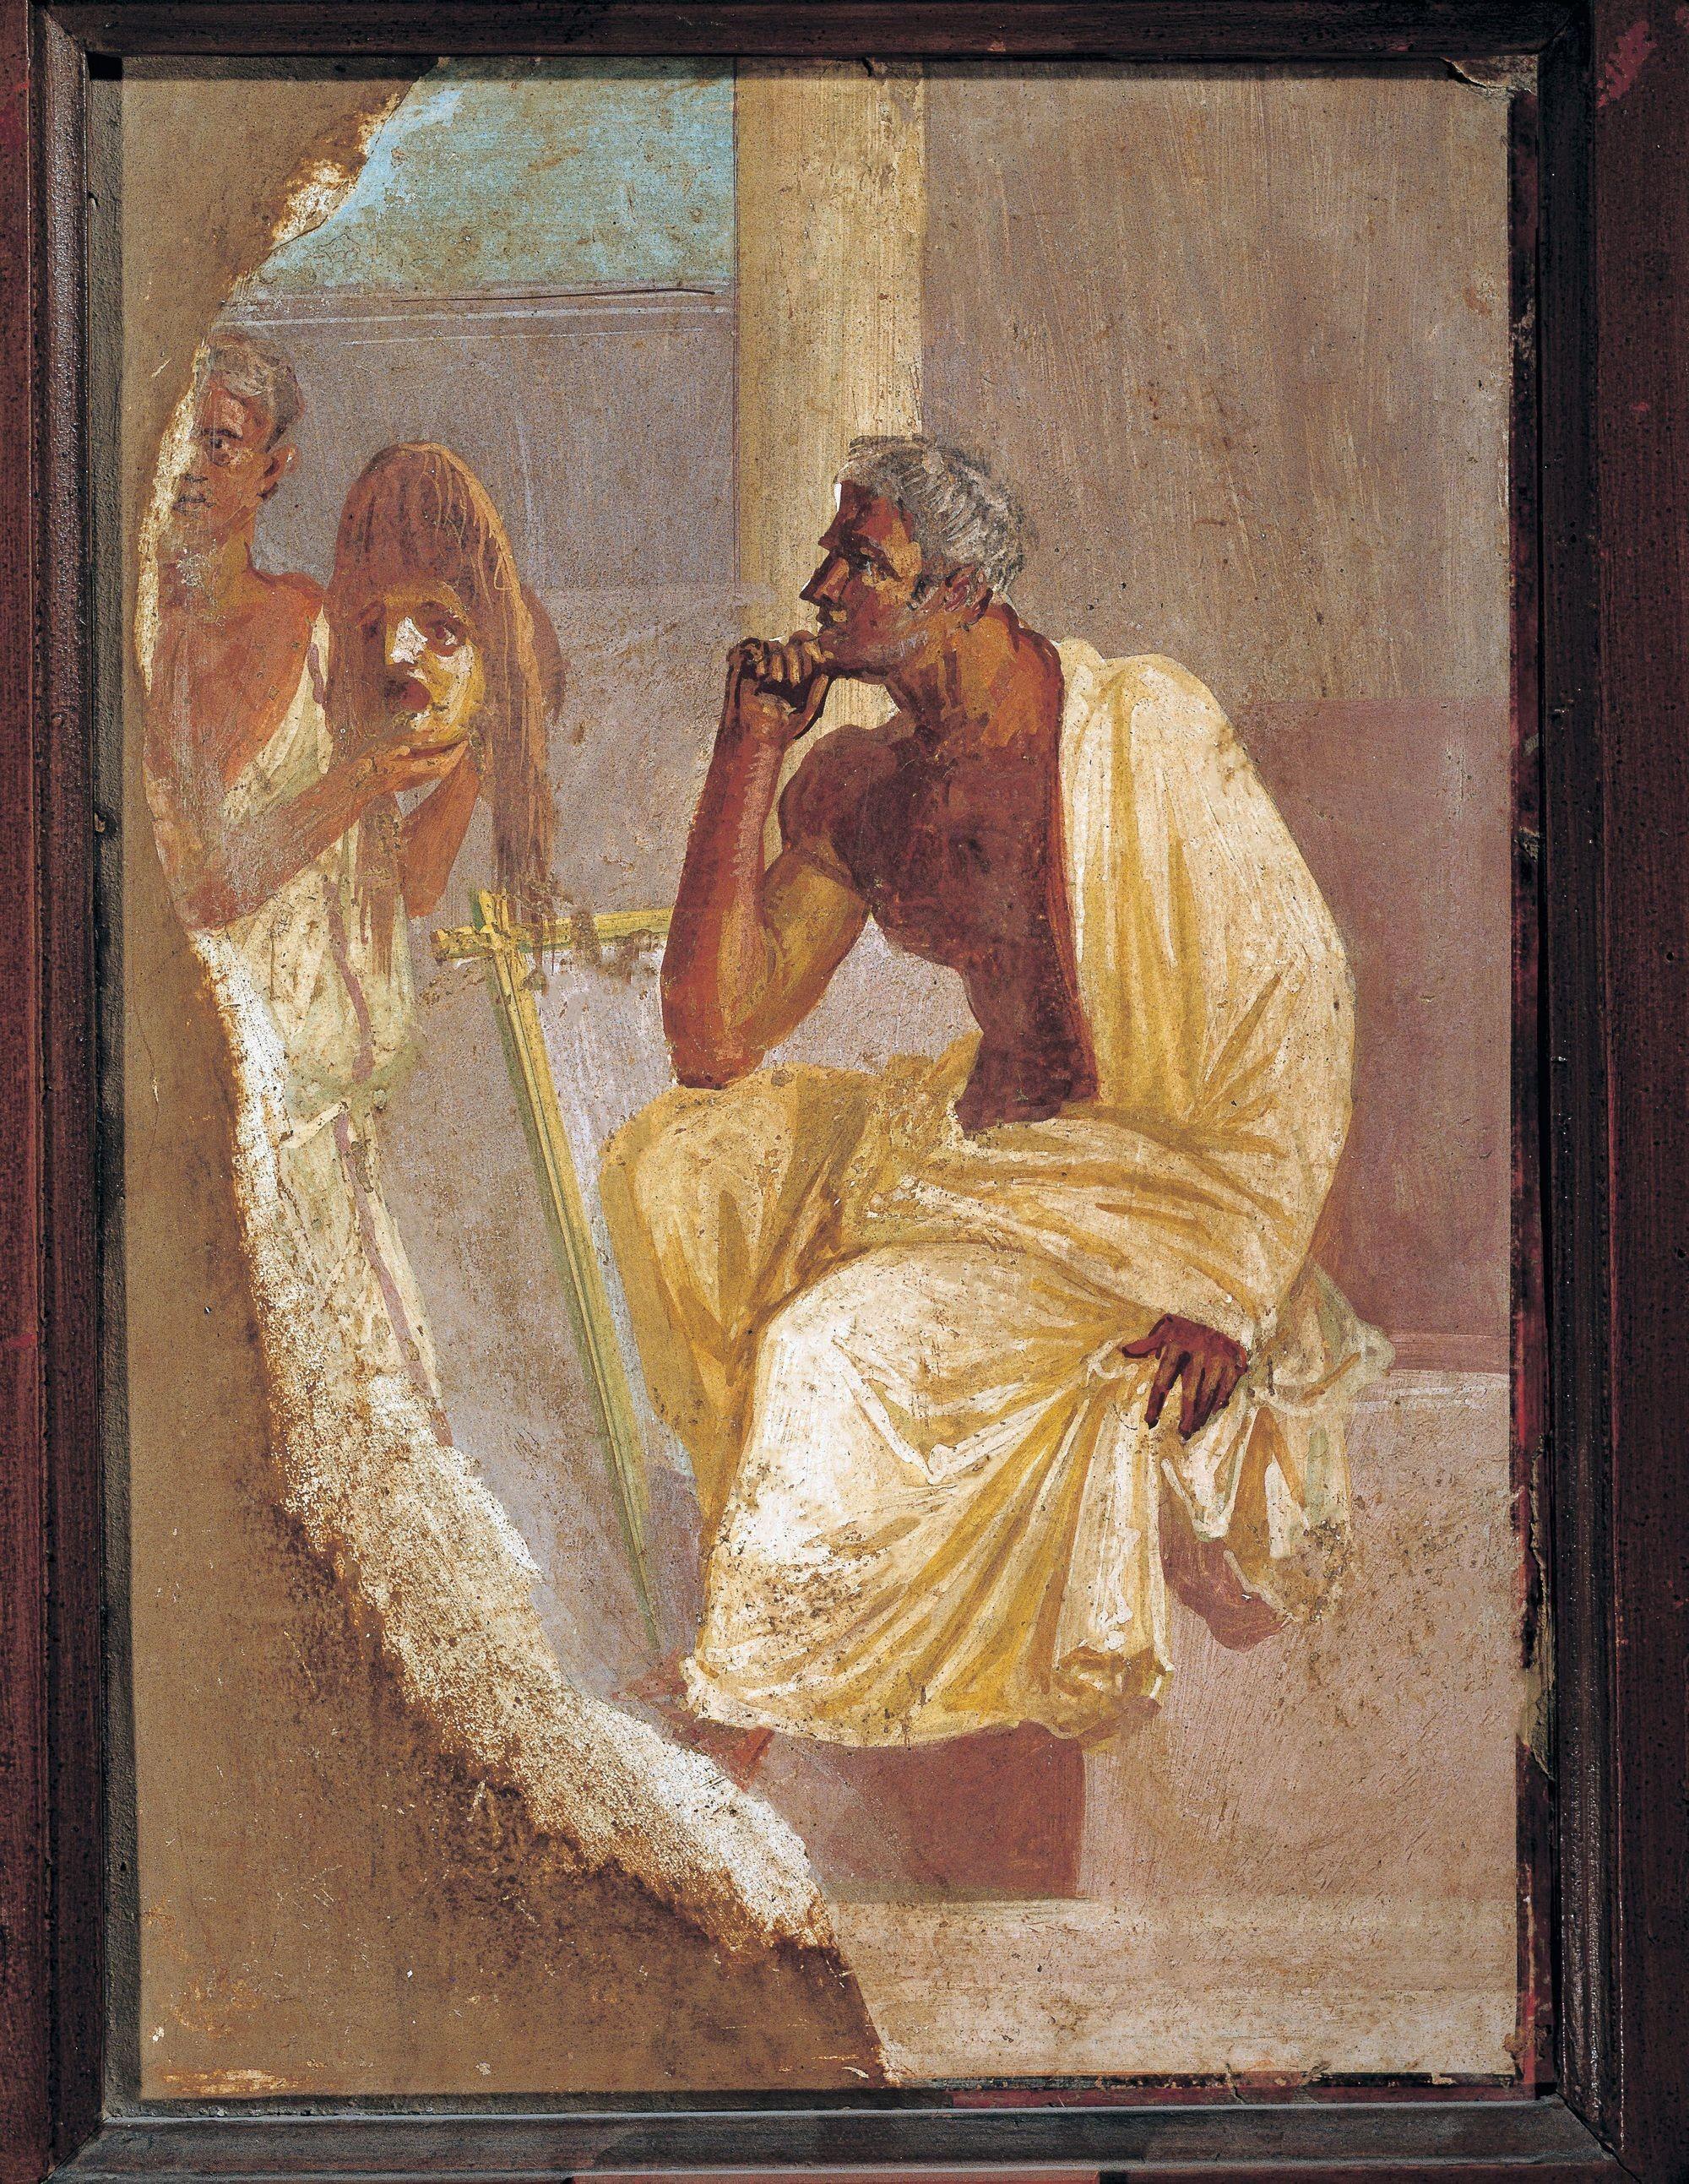 Un acteur et un masque tragique, fresque de Pompéi, Musée archéologique national, Naples.